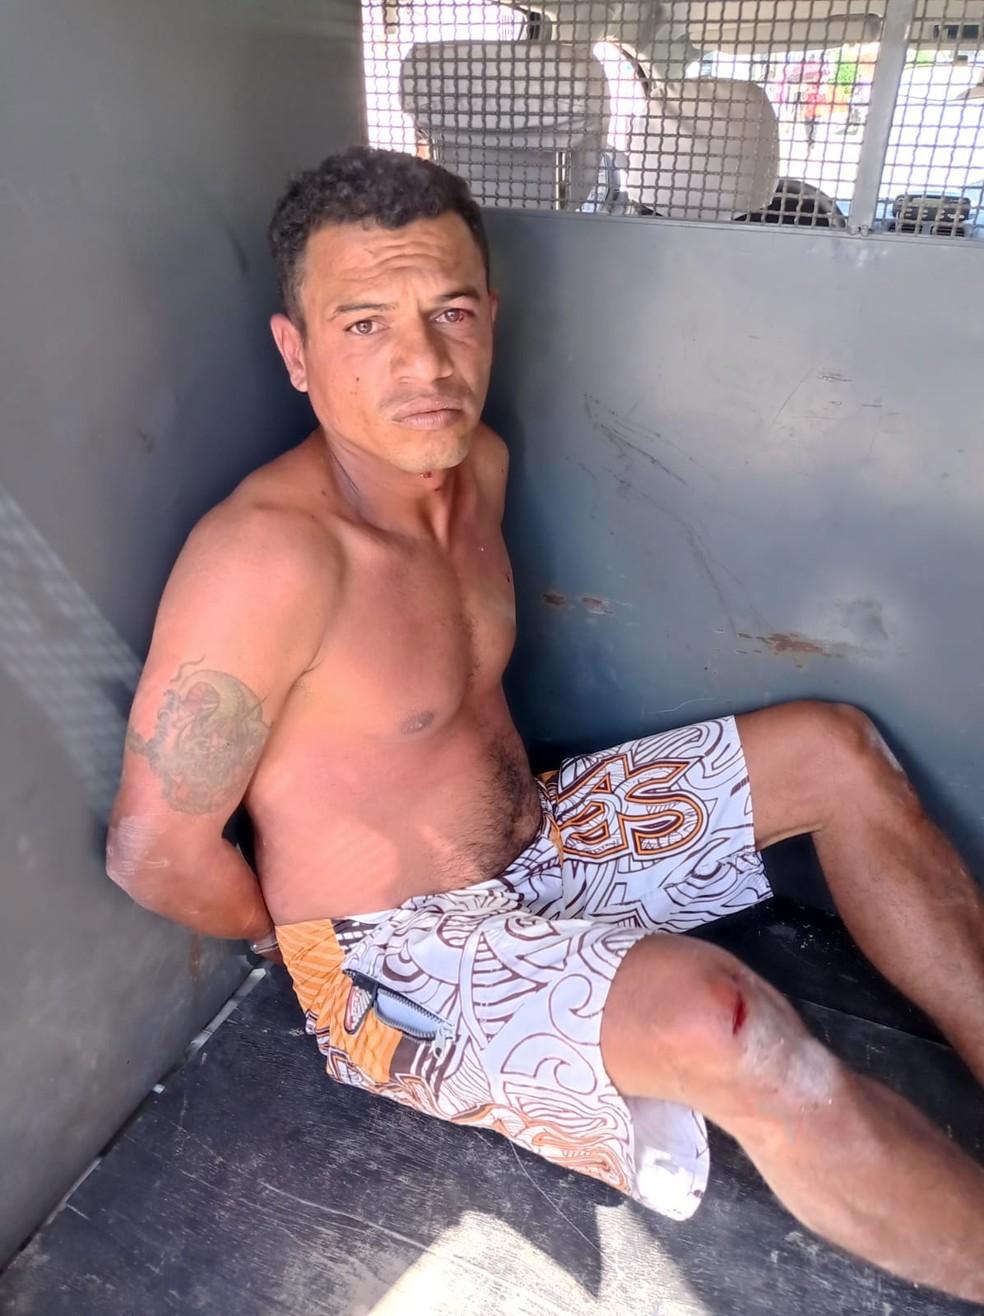 José Alex foi preso em Pernambuco por suspeita de matar e violentar criança em João Pessoa, na Paraíba — Foto: PMPE/Divulgação